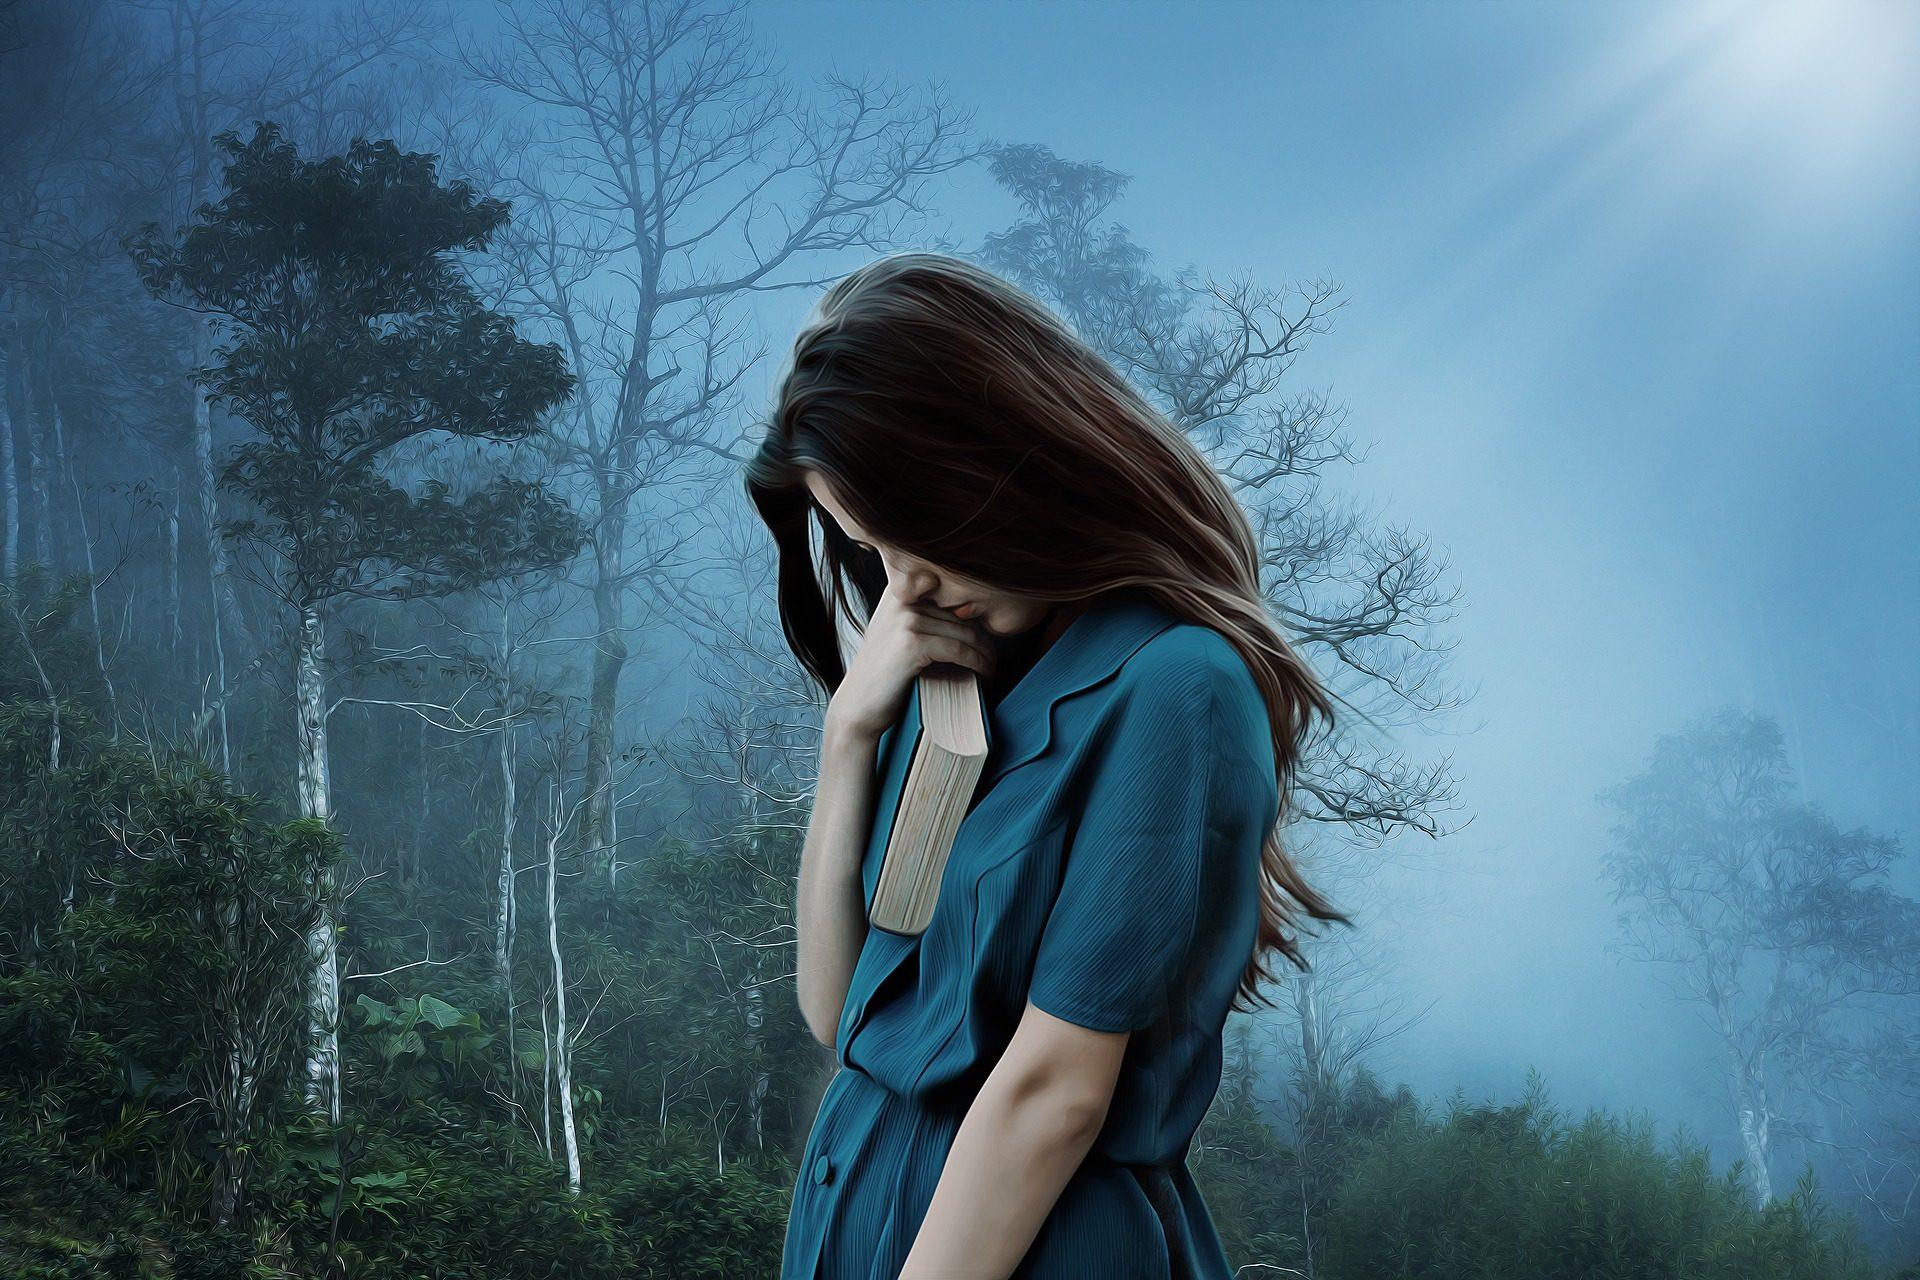 Mezi nejčastější projevy postkovidového syndromu patří únava, vyčerpání, špatná nálada, deprese, poruchy spánku, dušnost, chronický kašel a celkově špatná fyzická i psychická kondice.